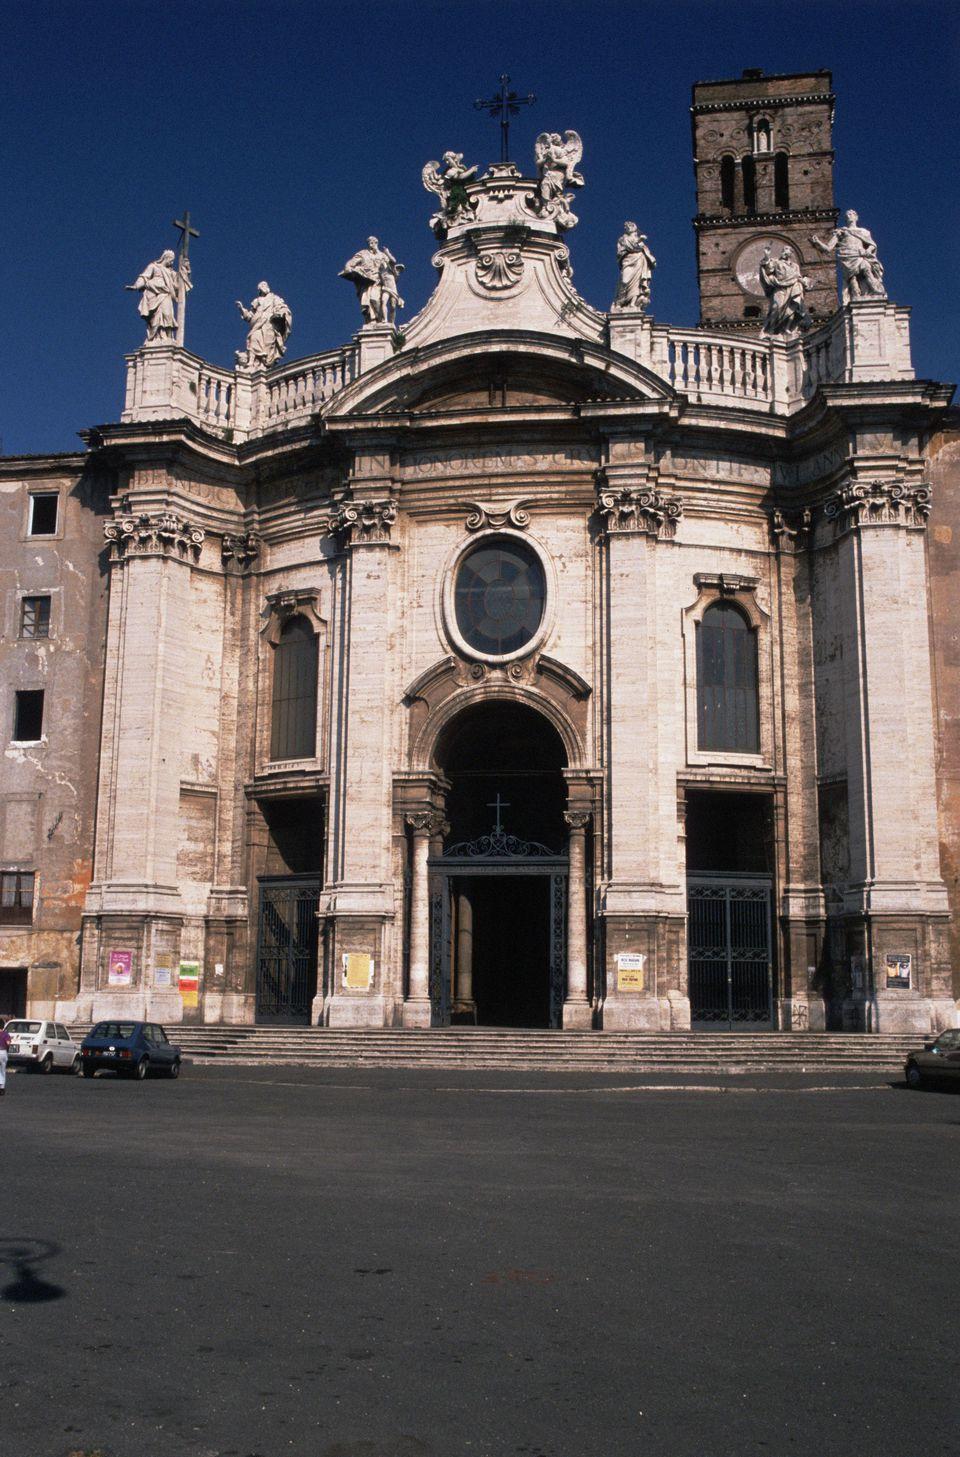 Santa Croce in Gerusalemme, Rome